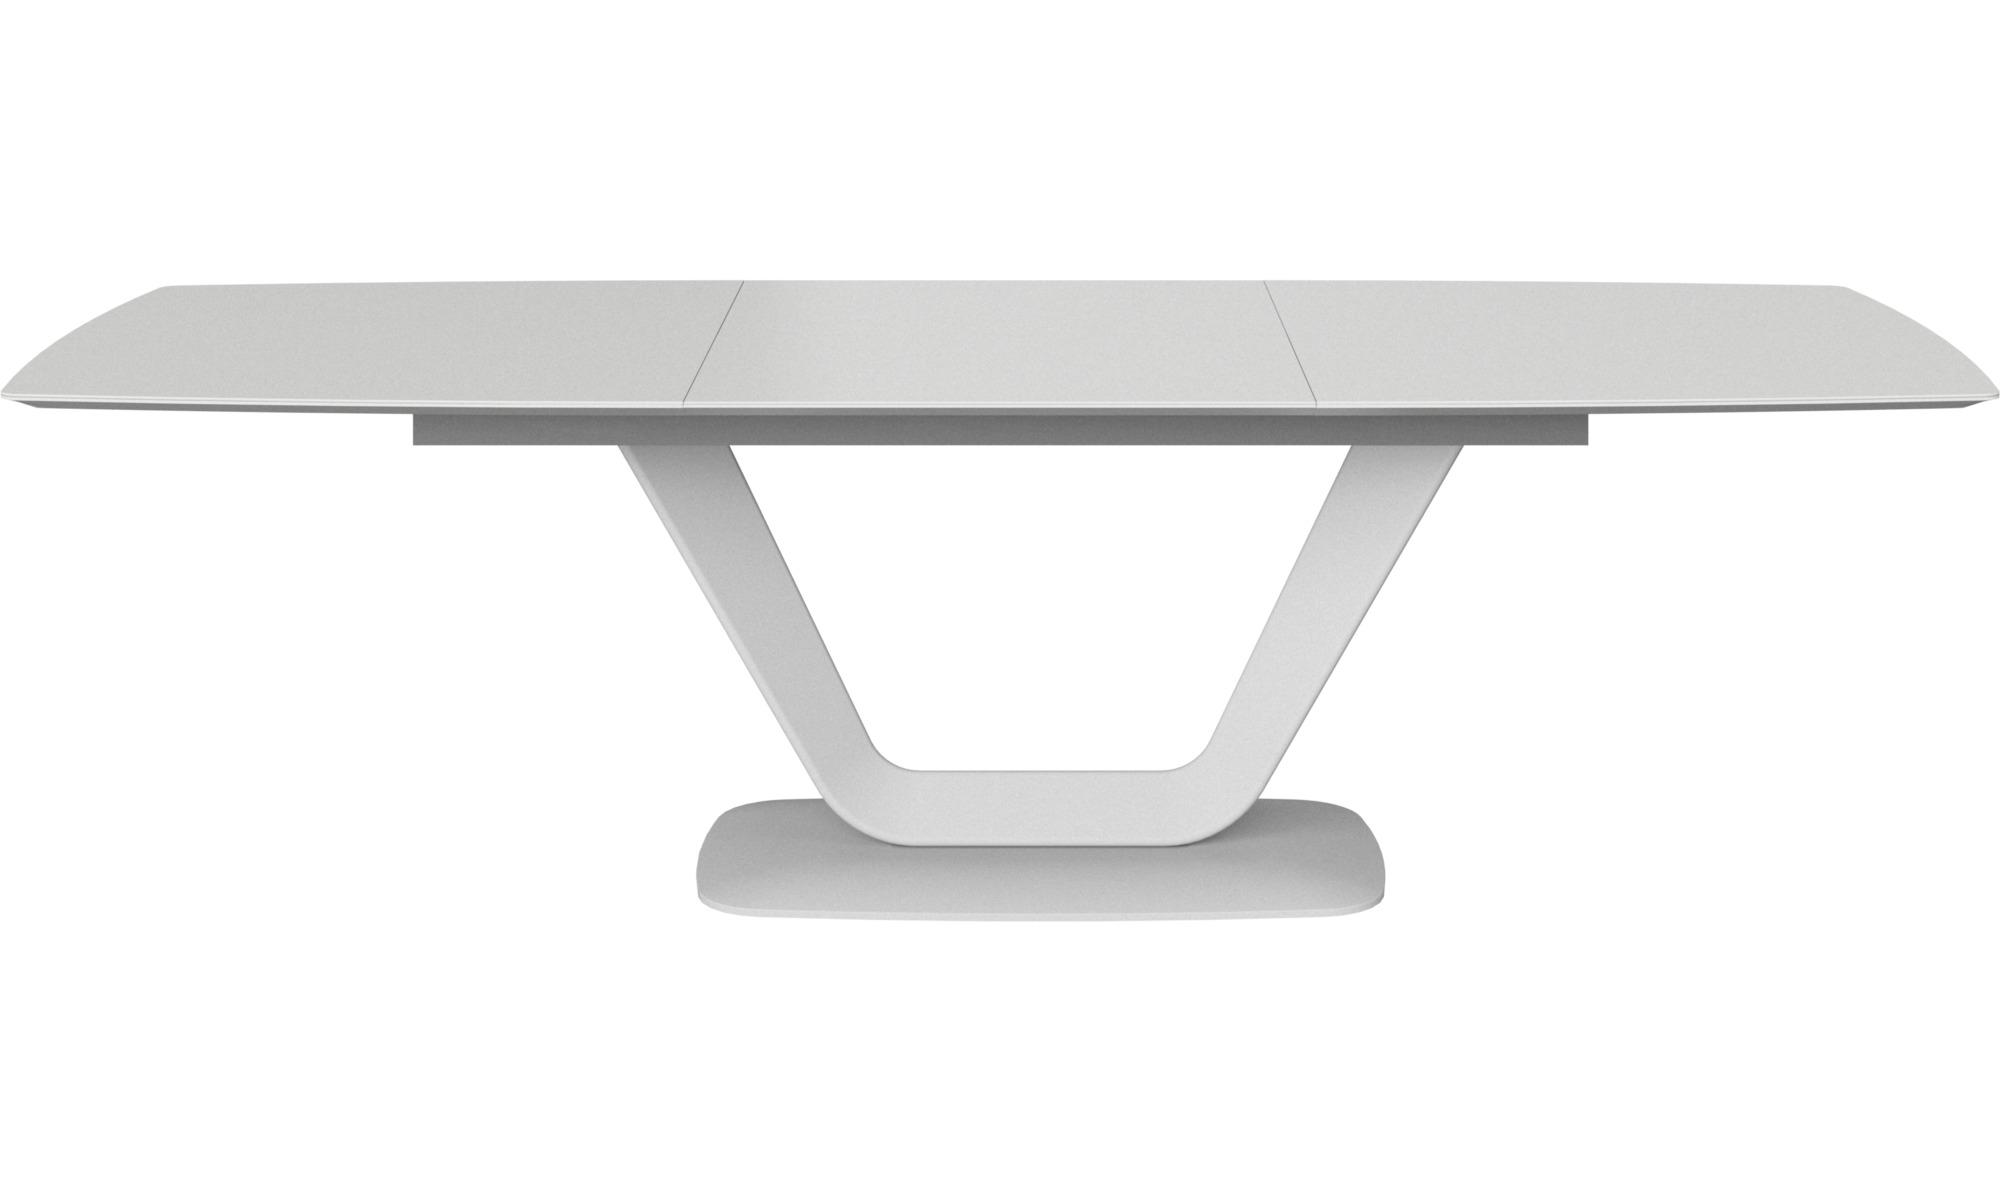 Full Size of Esstisch Oval Weiß Bett 140x200 180x200 Kaufen Regal Kinderzimmer Offenes Esstische Stühle Kleiner Rund Mit Stühlen Ausziehbar Designer Ausziehbarer Esstische Esstisch Oval Weiß